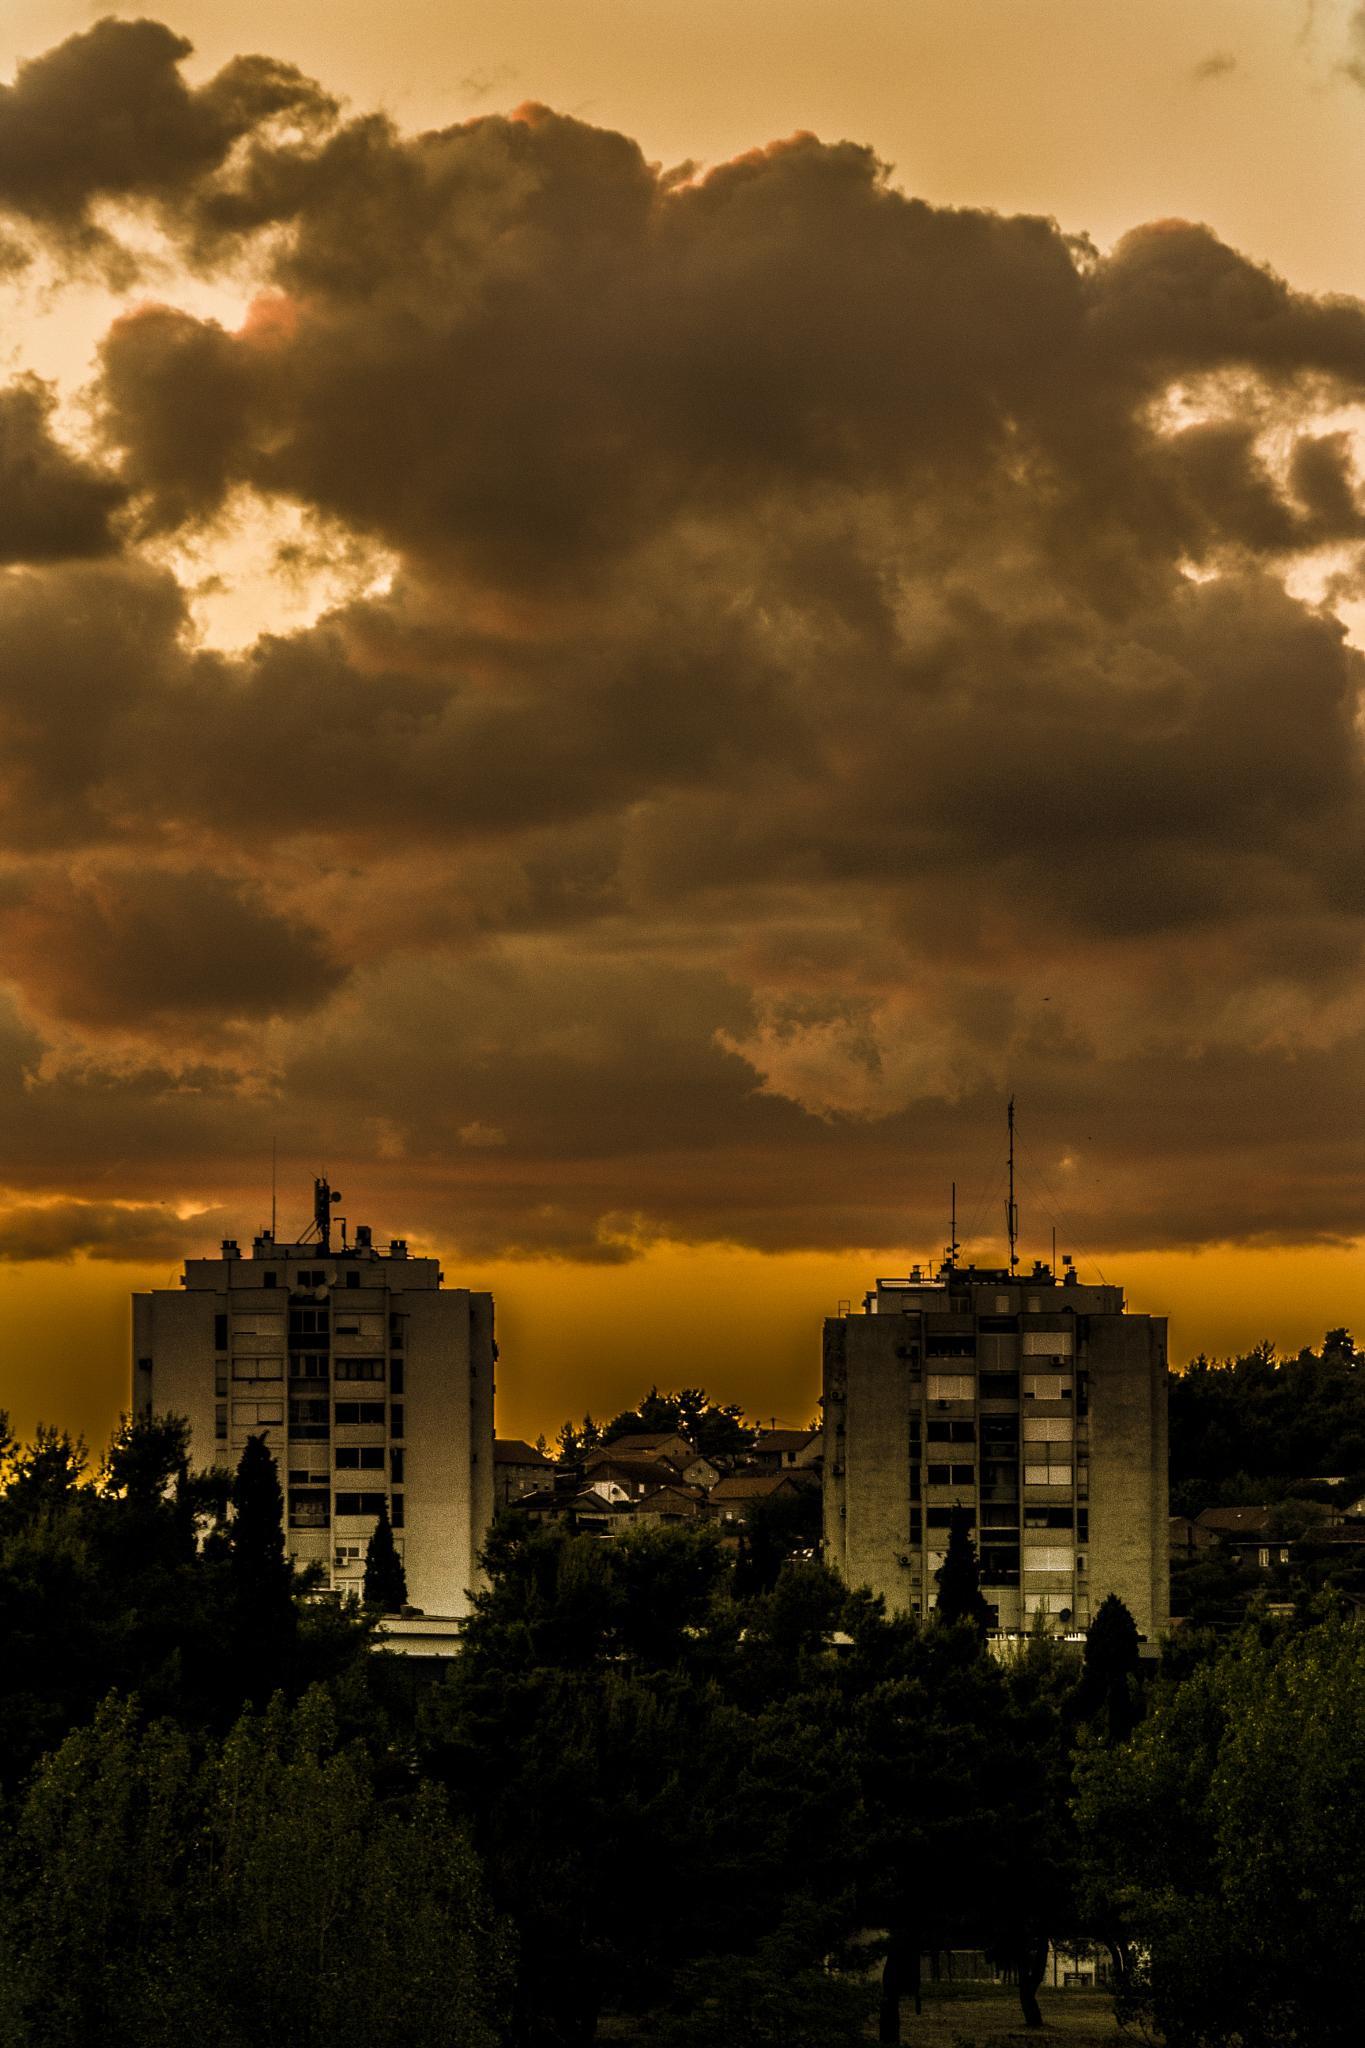 A bit of a sunset by Jovana & Đorđe Photography